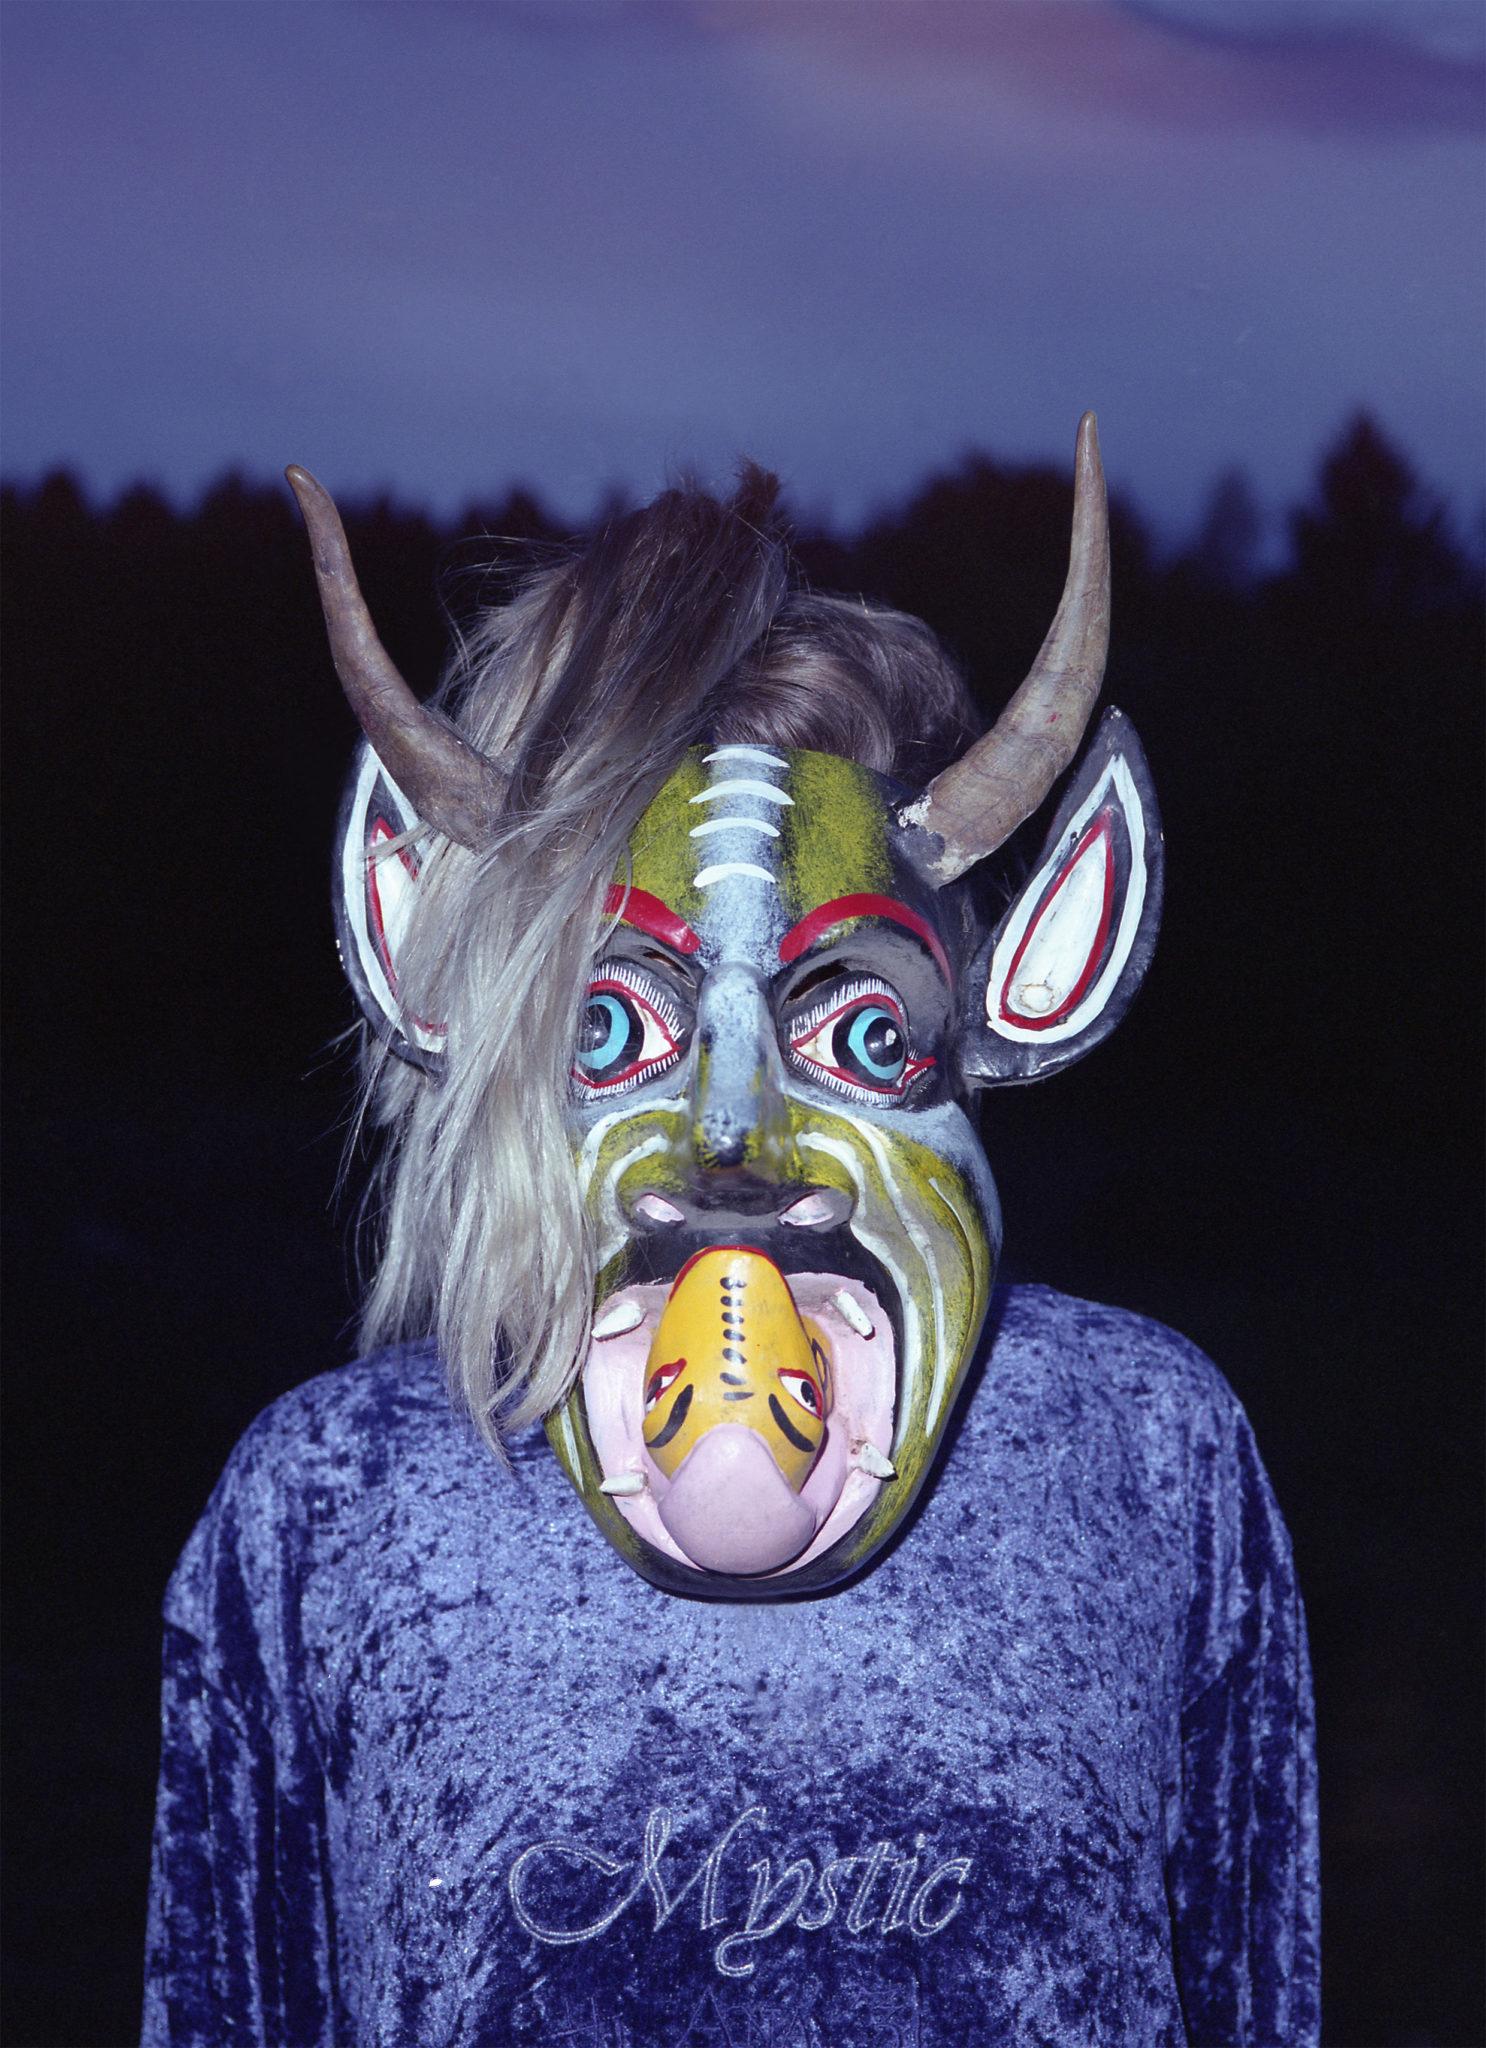 """Postać ubrana w bluzę z napisem ,,Mystic"""", oprócz niej ma też na sobie maskę. Maska jest hybrydą kilku rzeczy czy zwierząt, tj. wąż, rogi."""